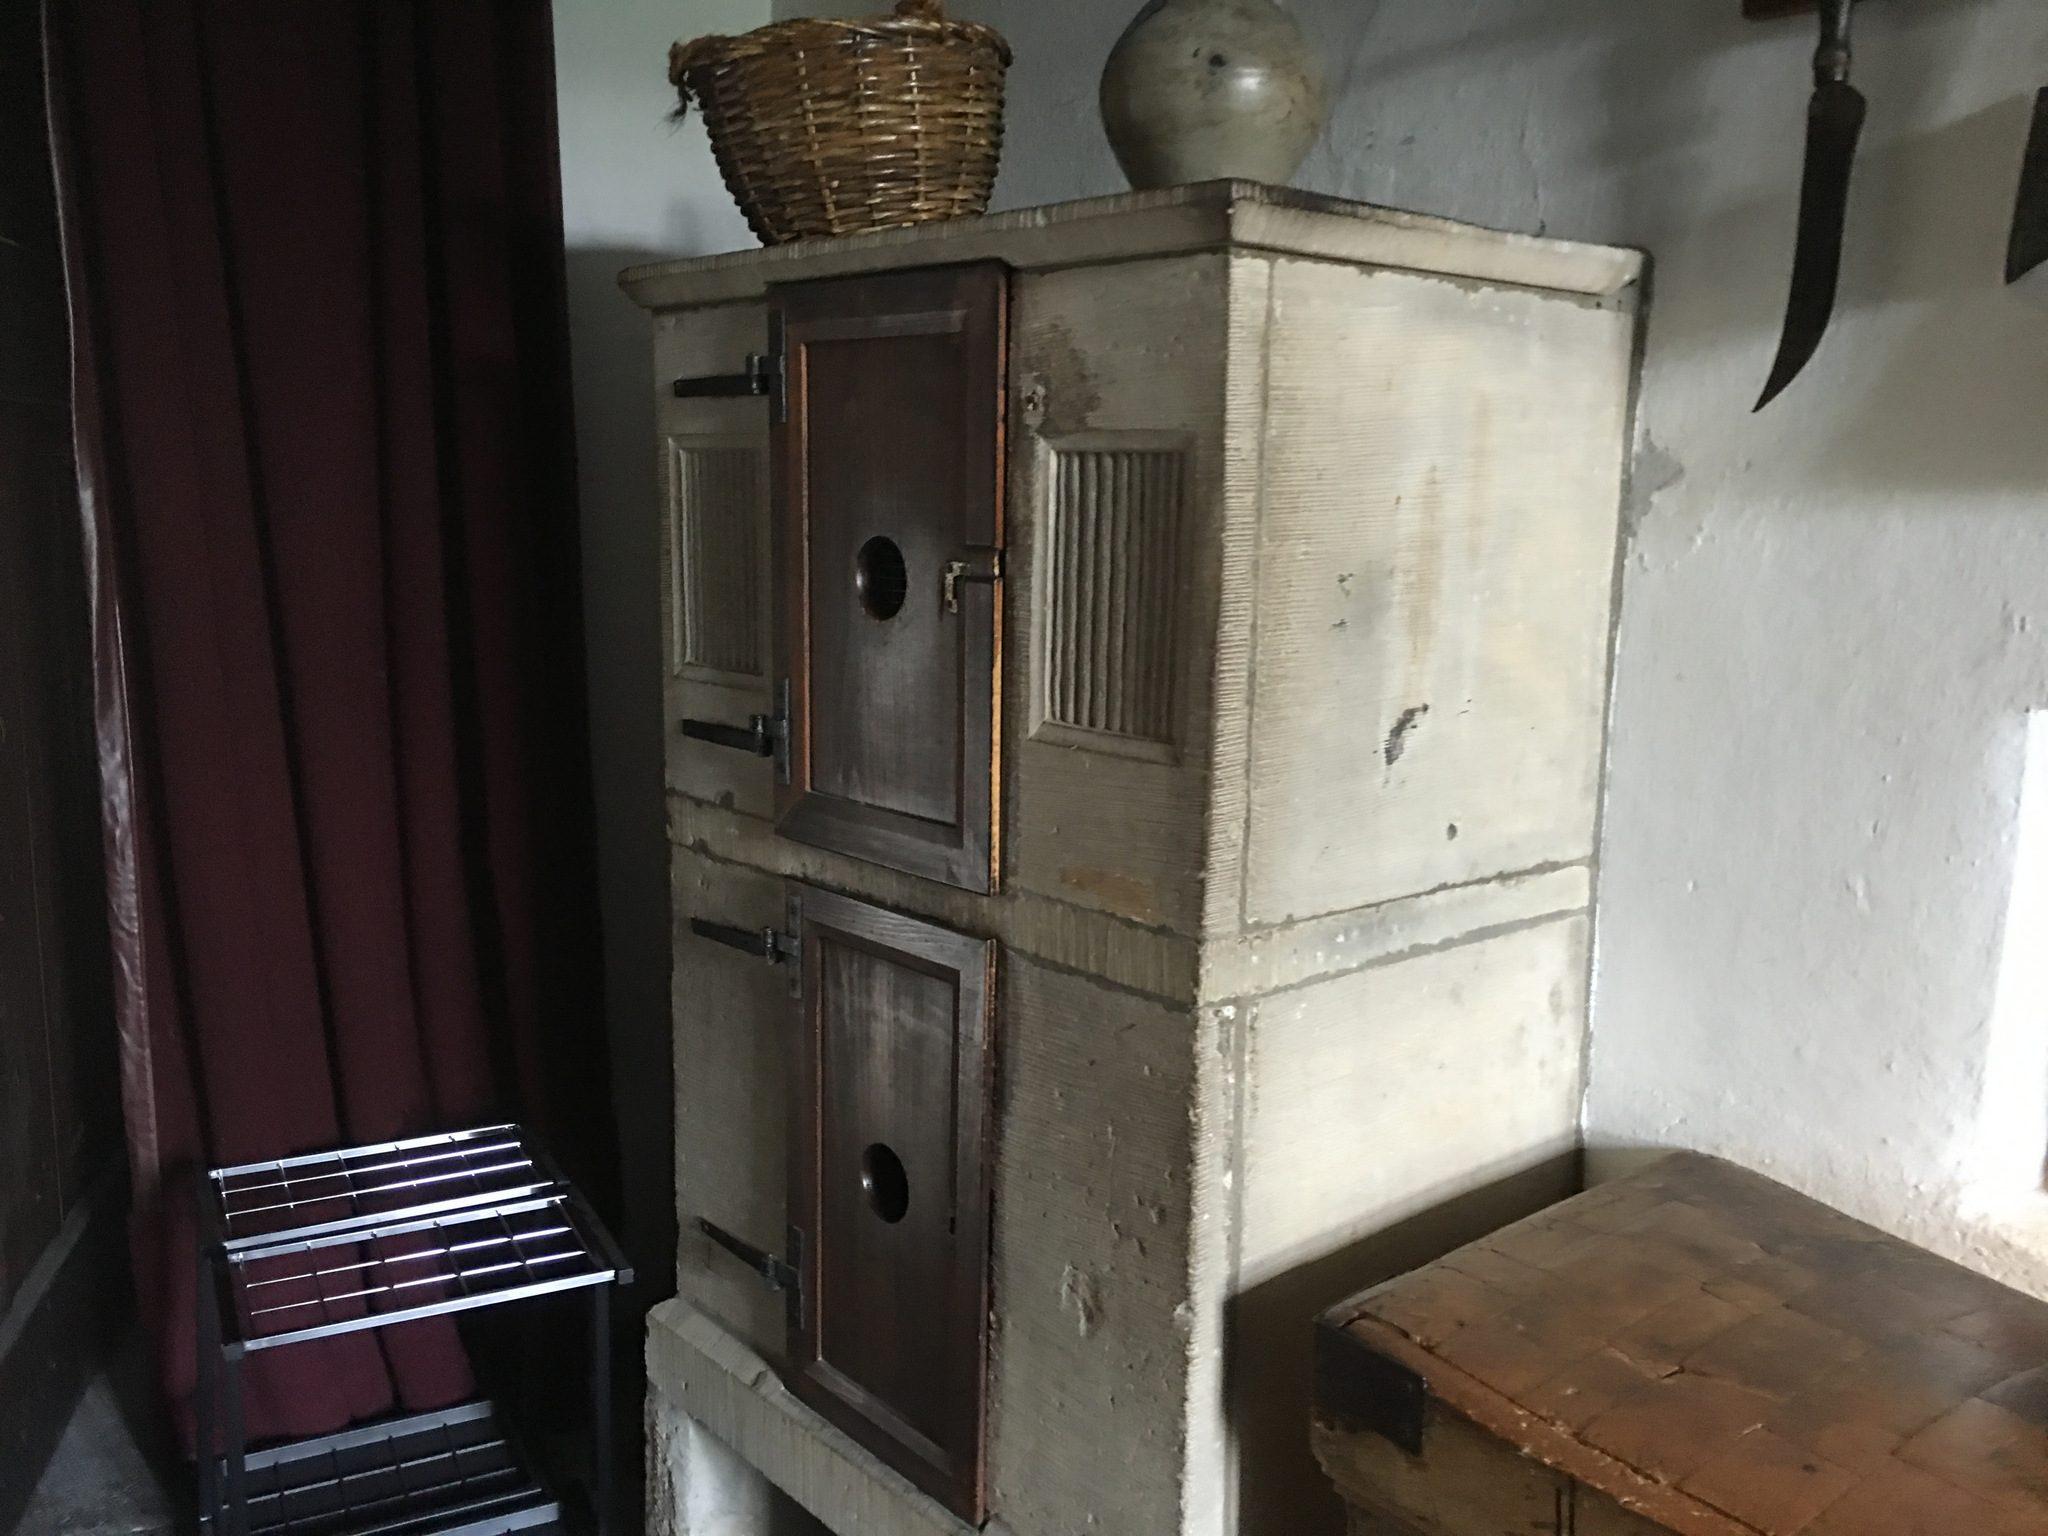 Ein Eisschrank, Vorläufer des modernen Kühlschranks. Oben Eis rein, unten zu kühlende Speisen.